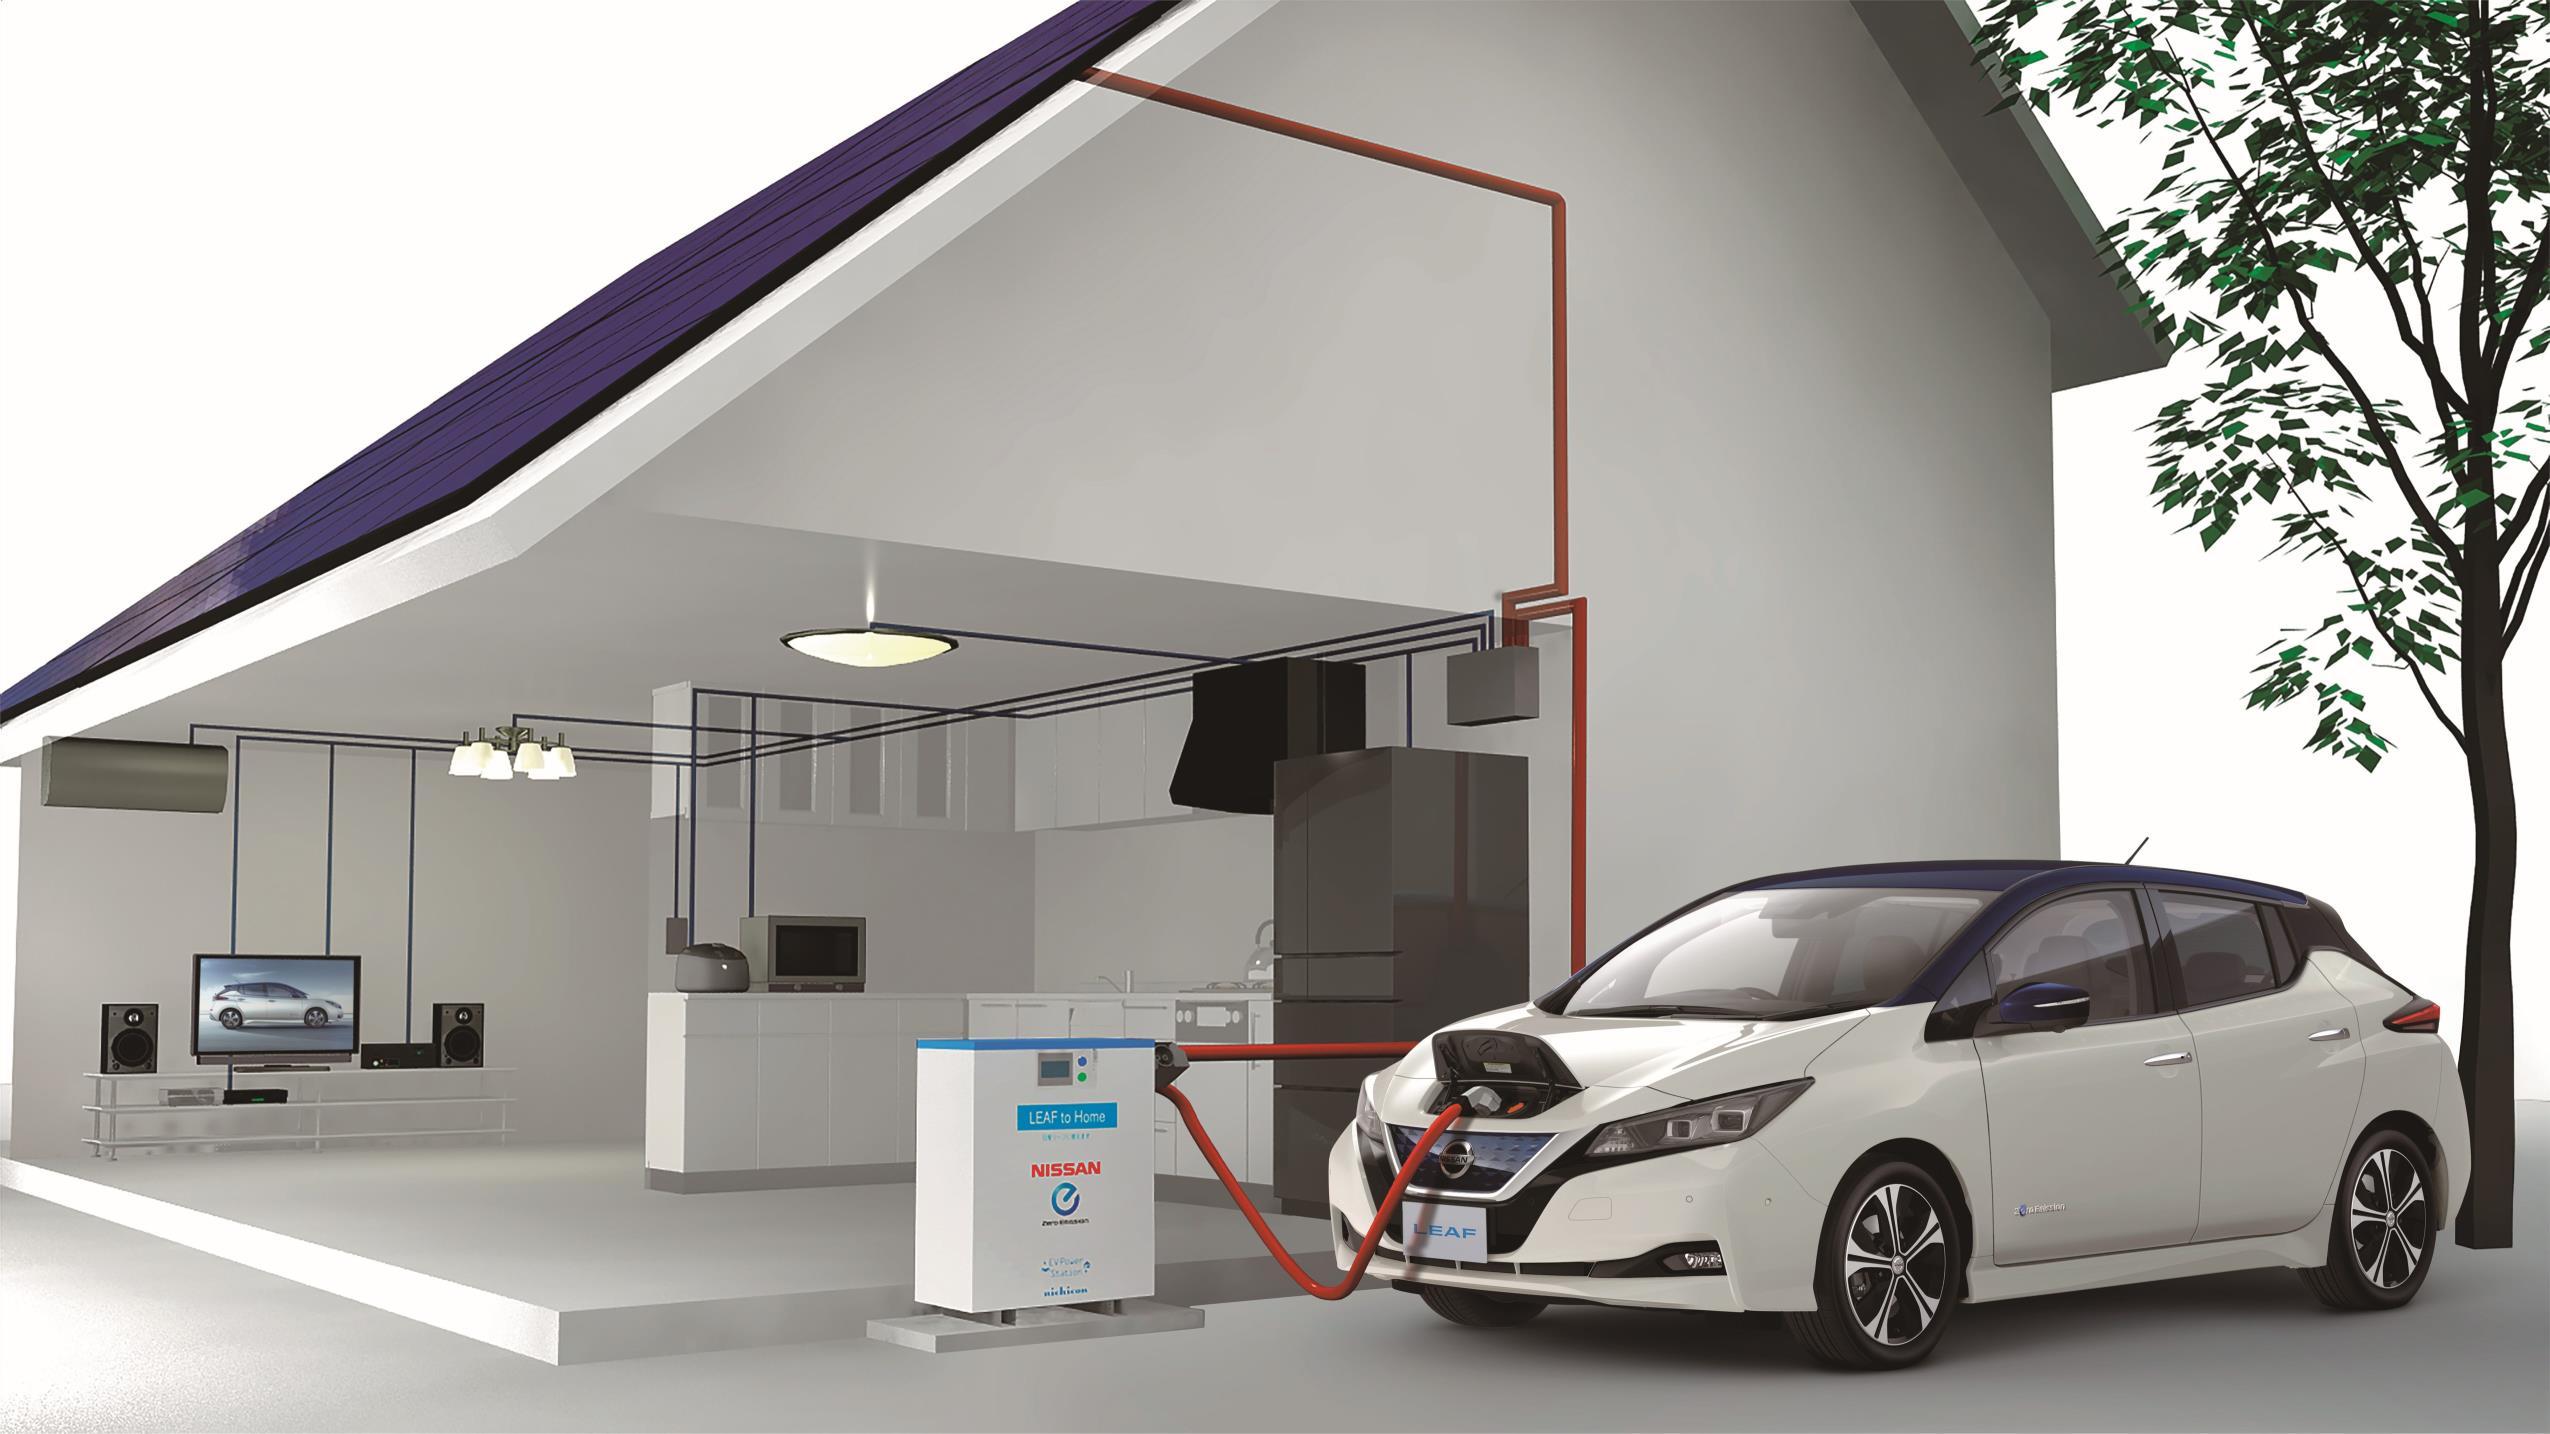 Nissan participará en Trafic 2017